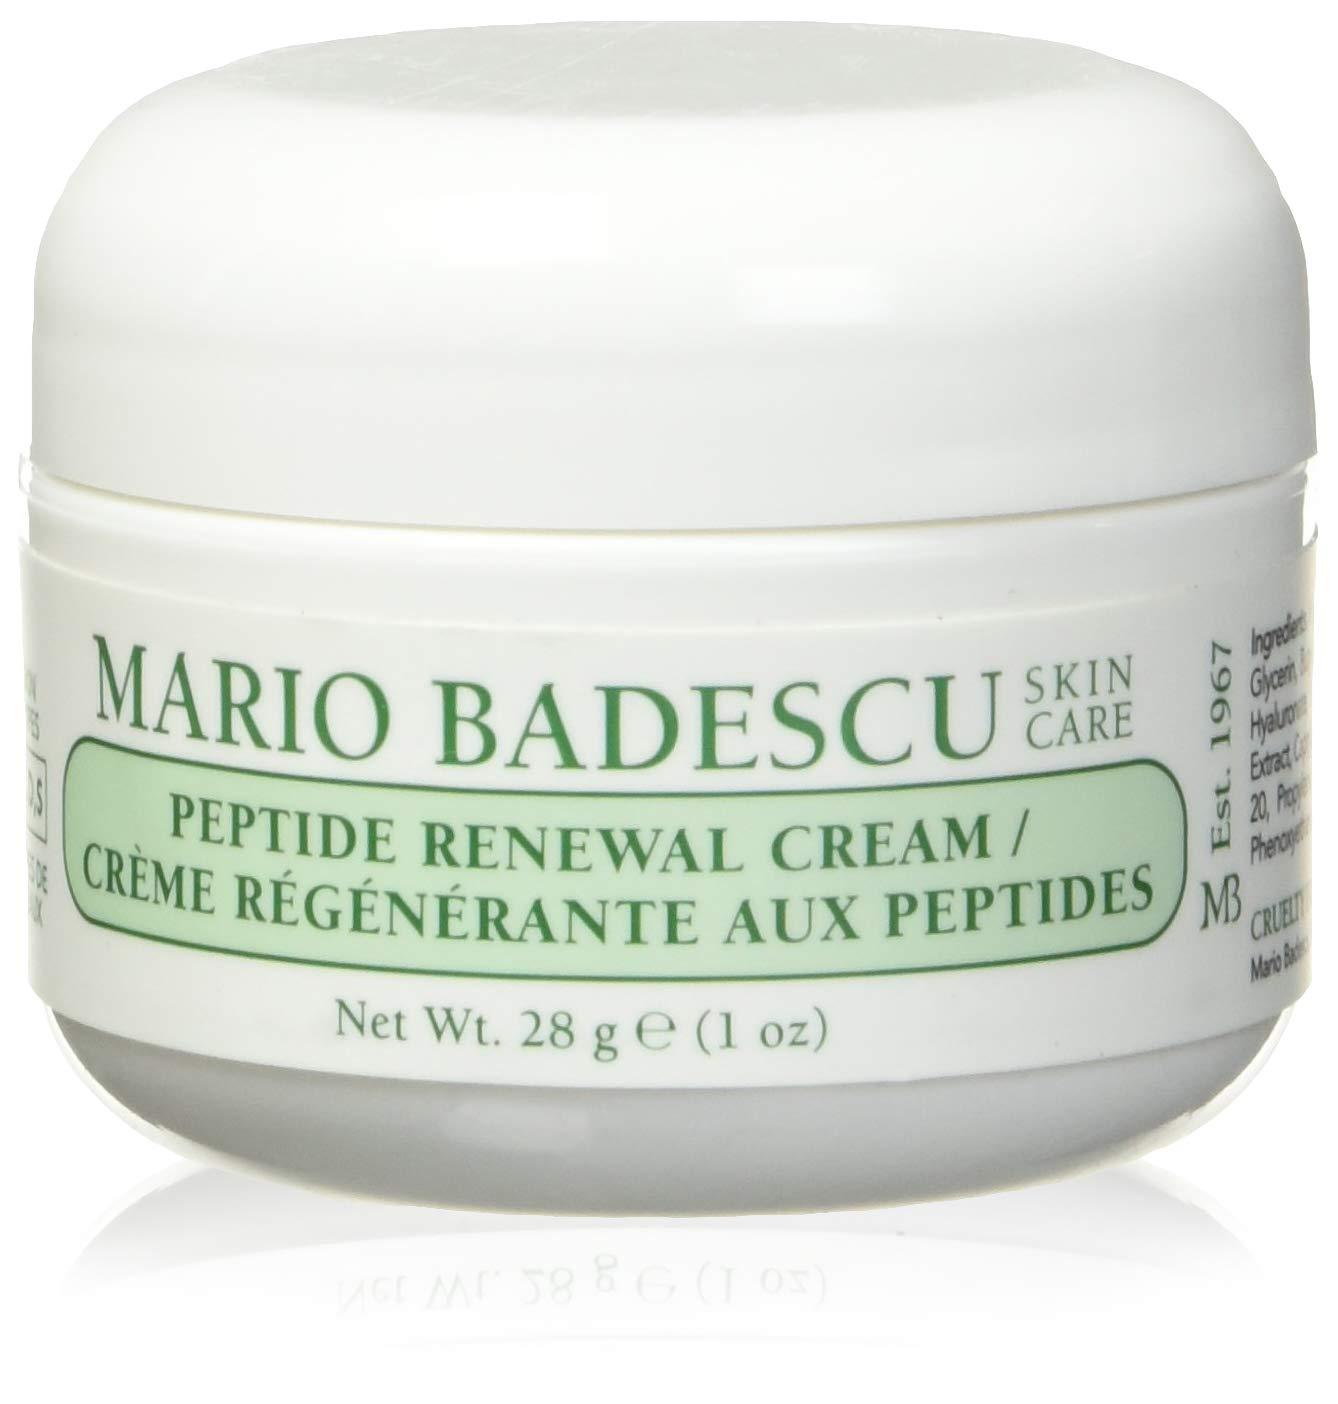 Mario Badescu Peptide Renewal Cream, 1 oz